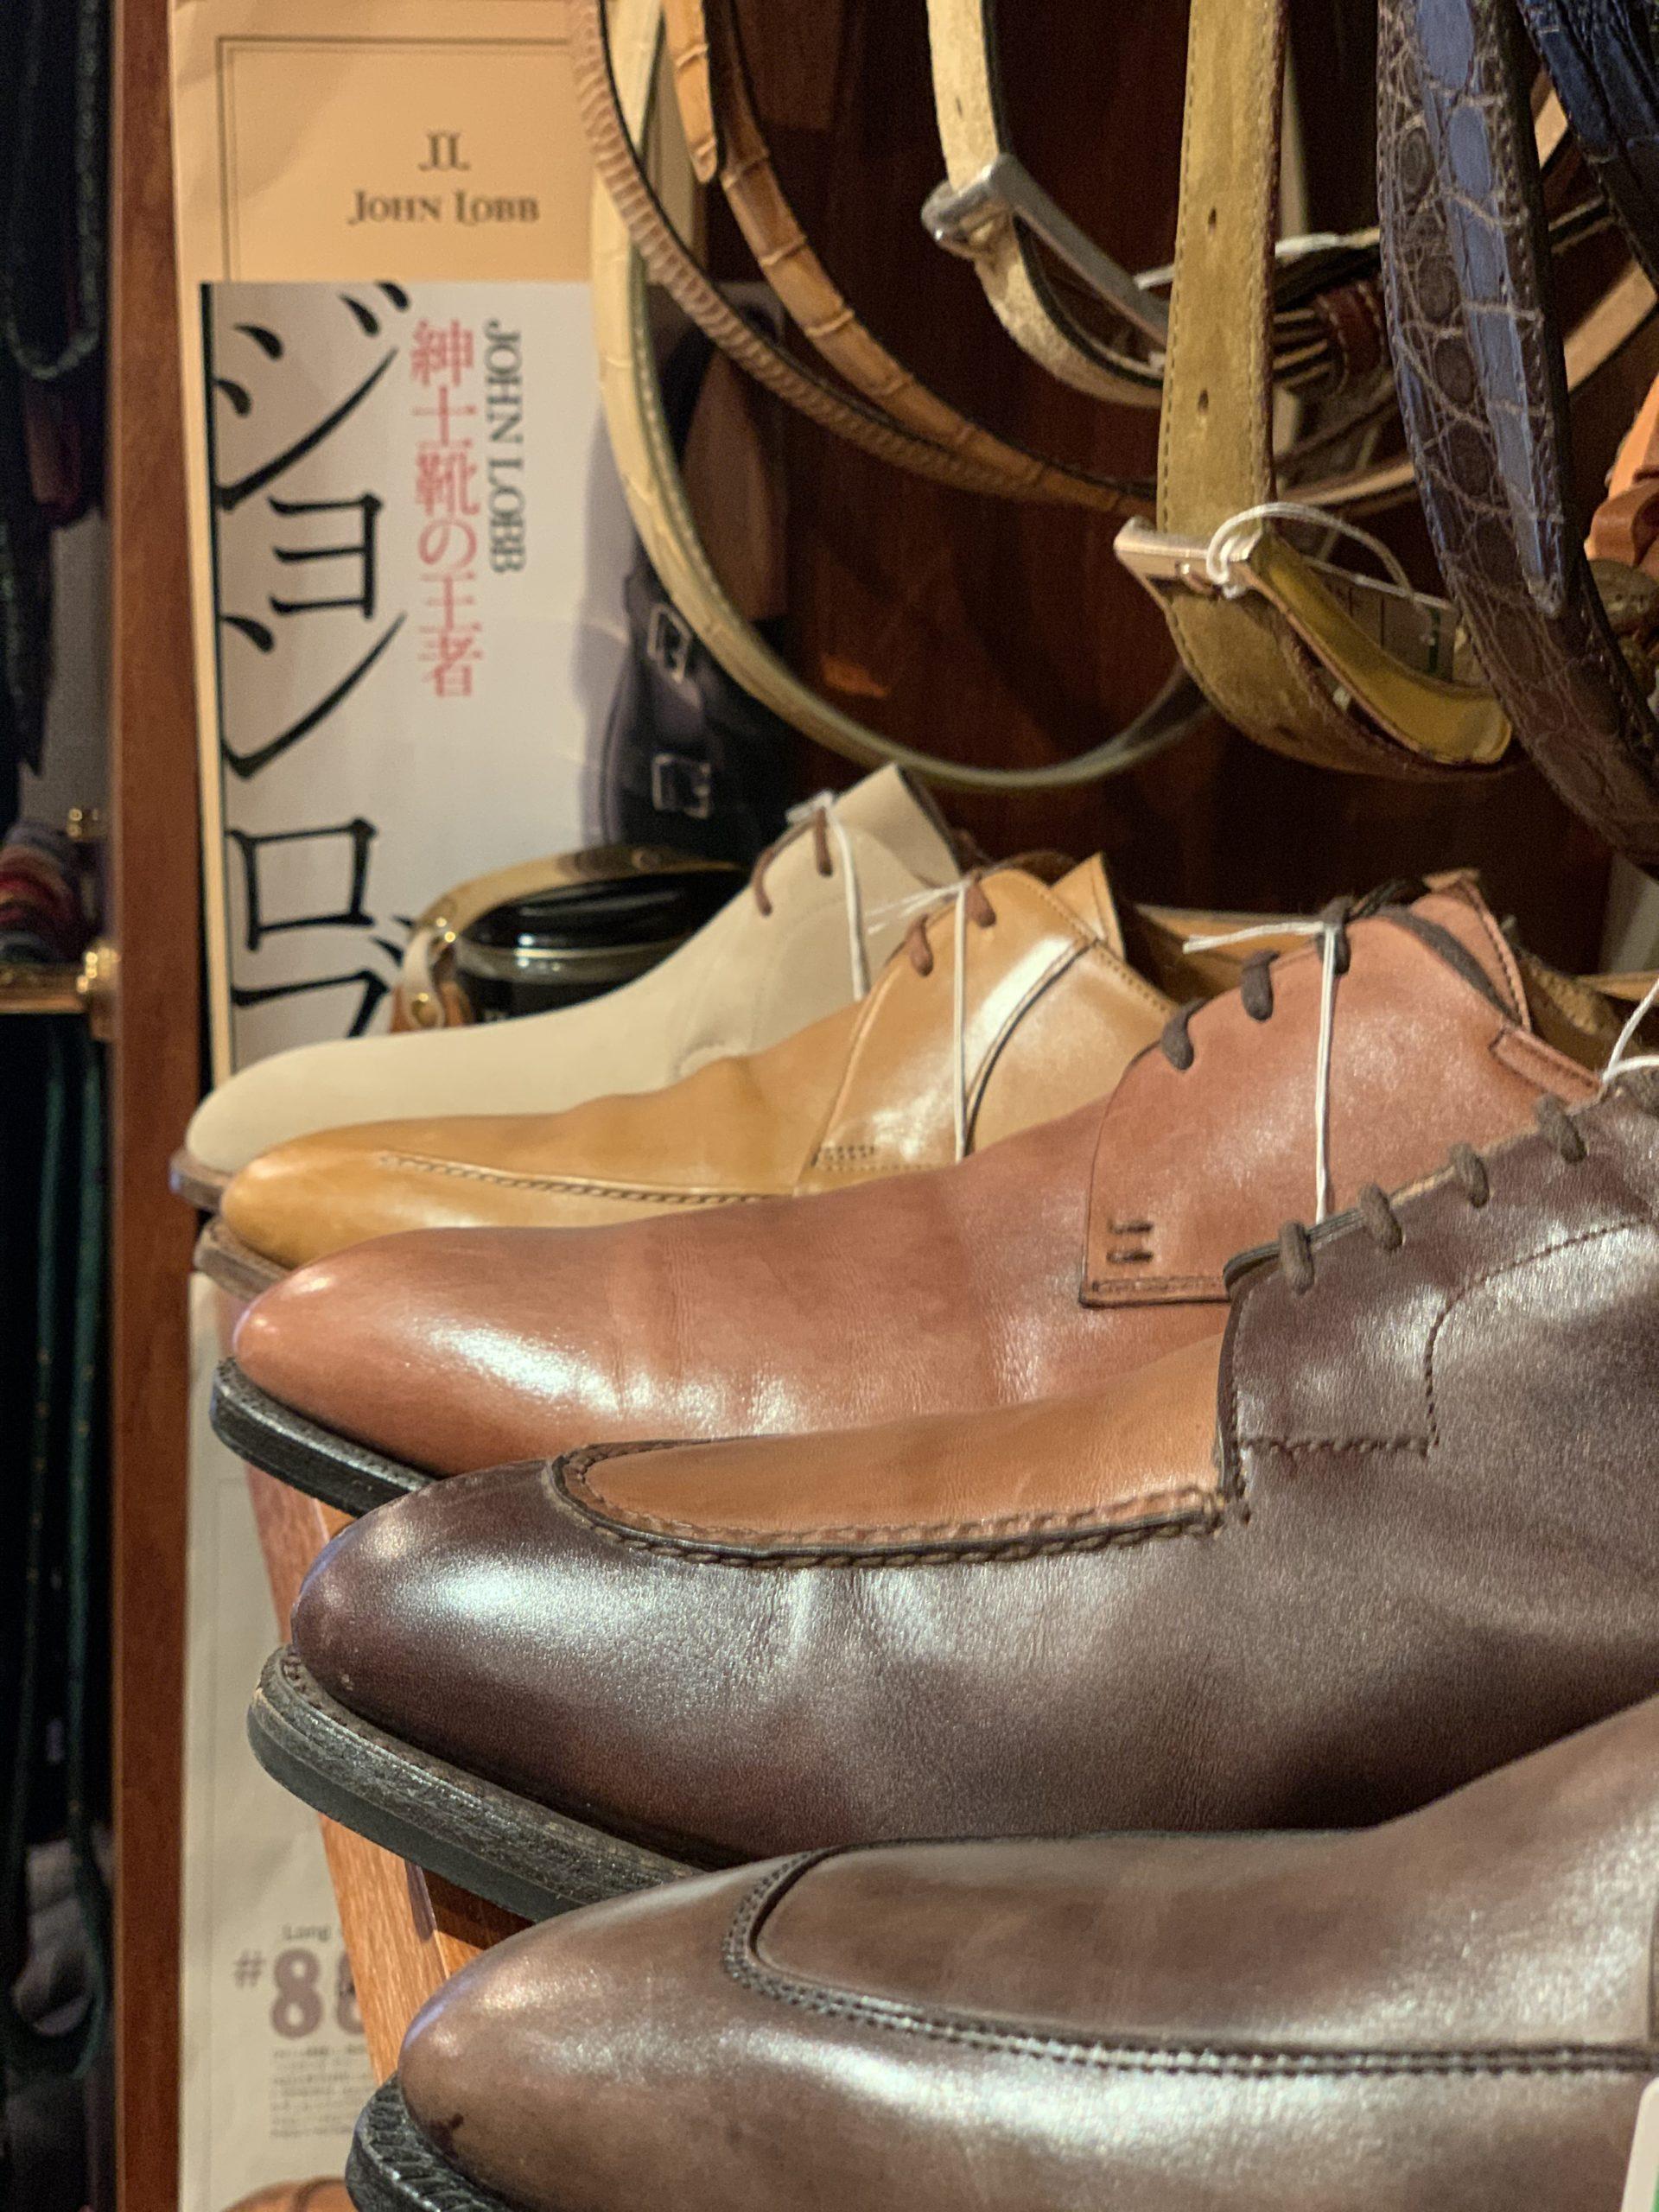 正統な紳士靴を嗜むvol.23〜最高峰イギリス靴ジョンロブ